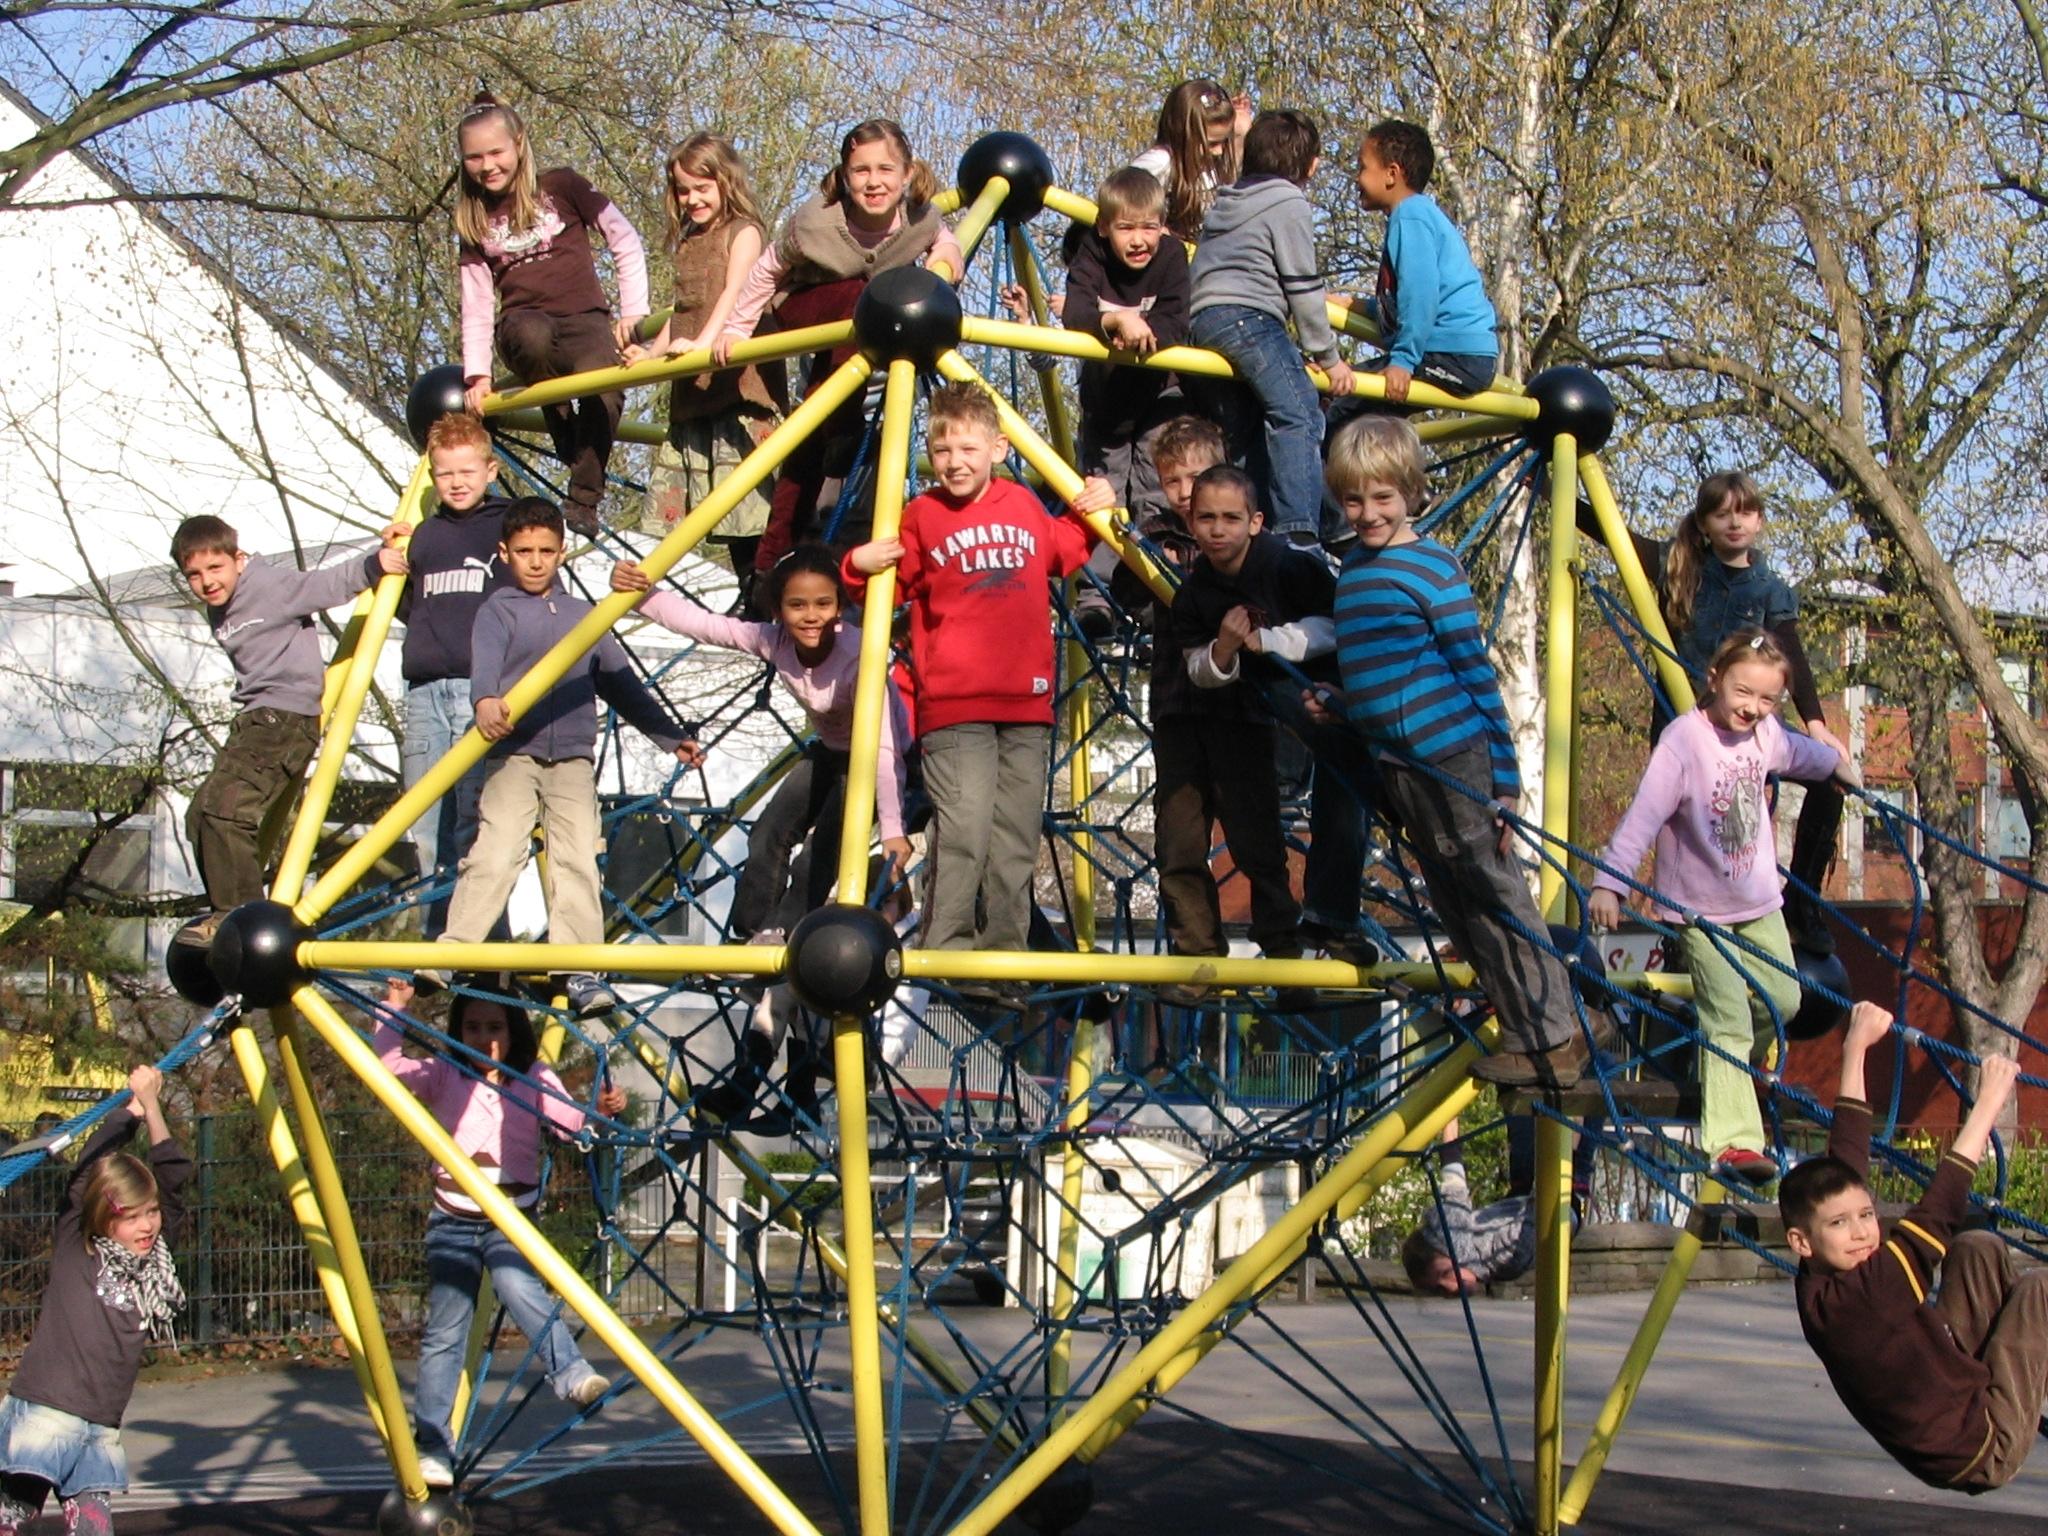 Klettergerüst Schulhof : Klettergerüst auf dem schulhof petri grundschule dortmund